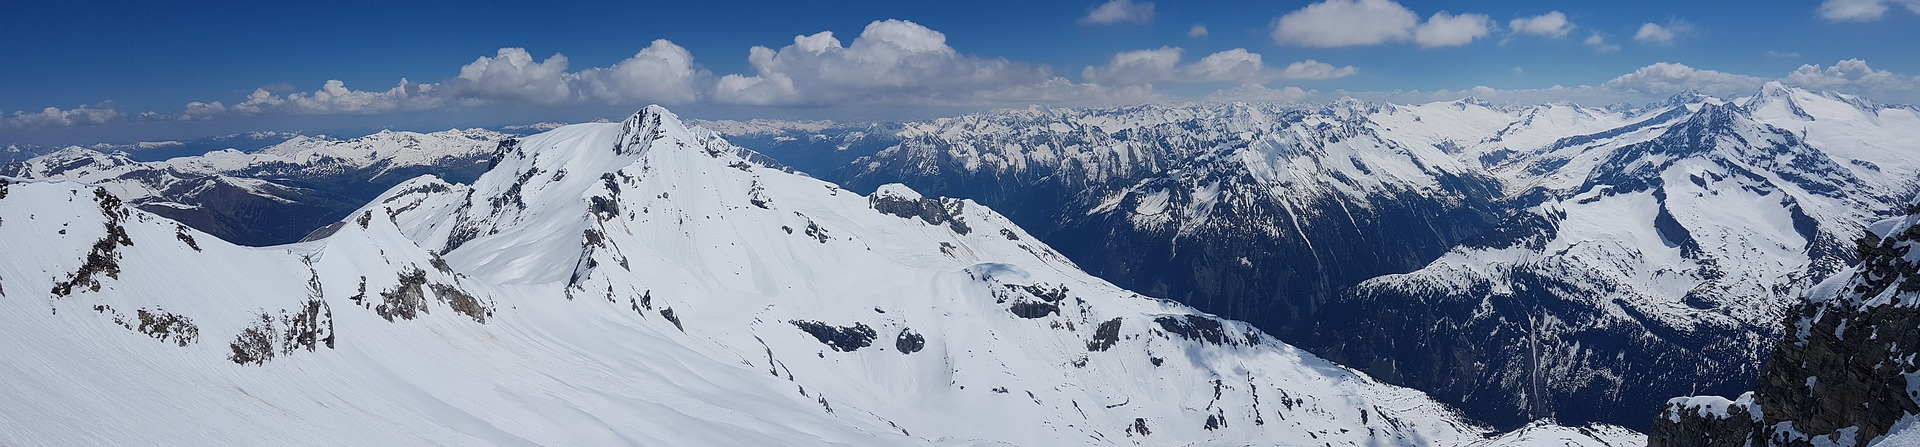 De Hintertuxer gletsjer is een populaire gletsjer in Oostenrijk